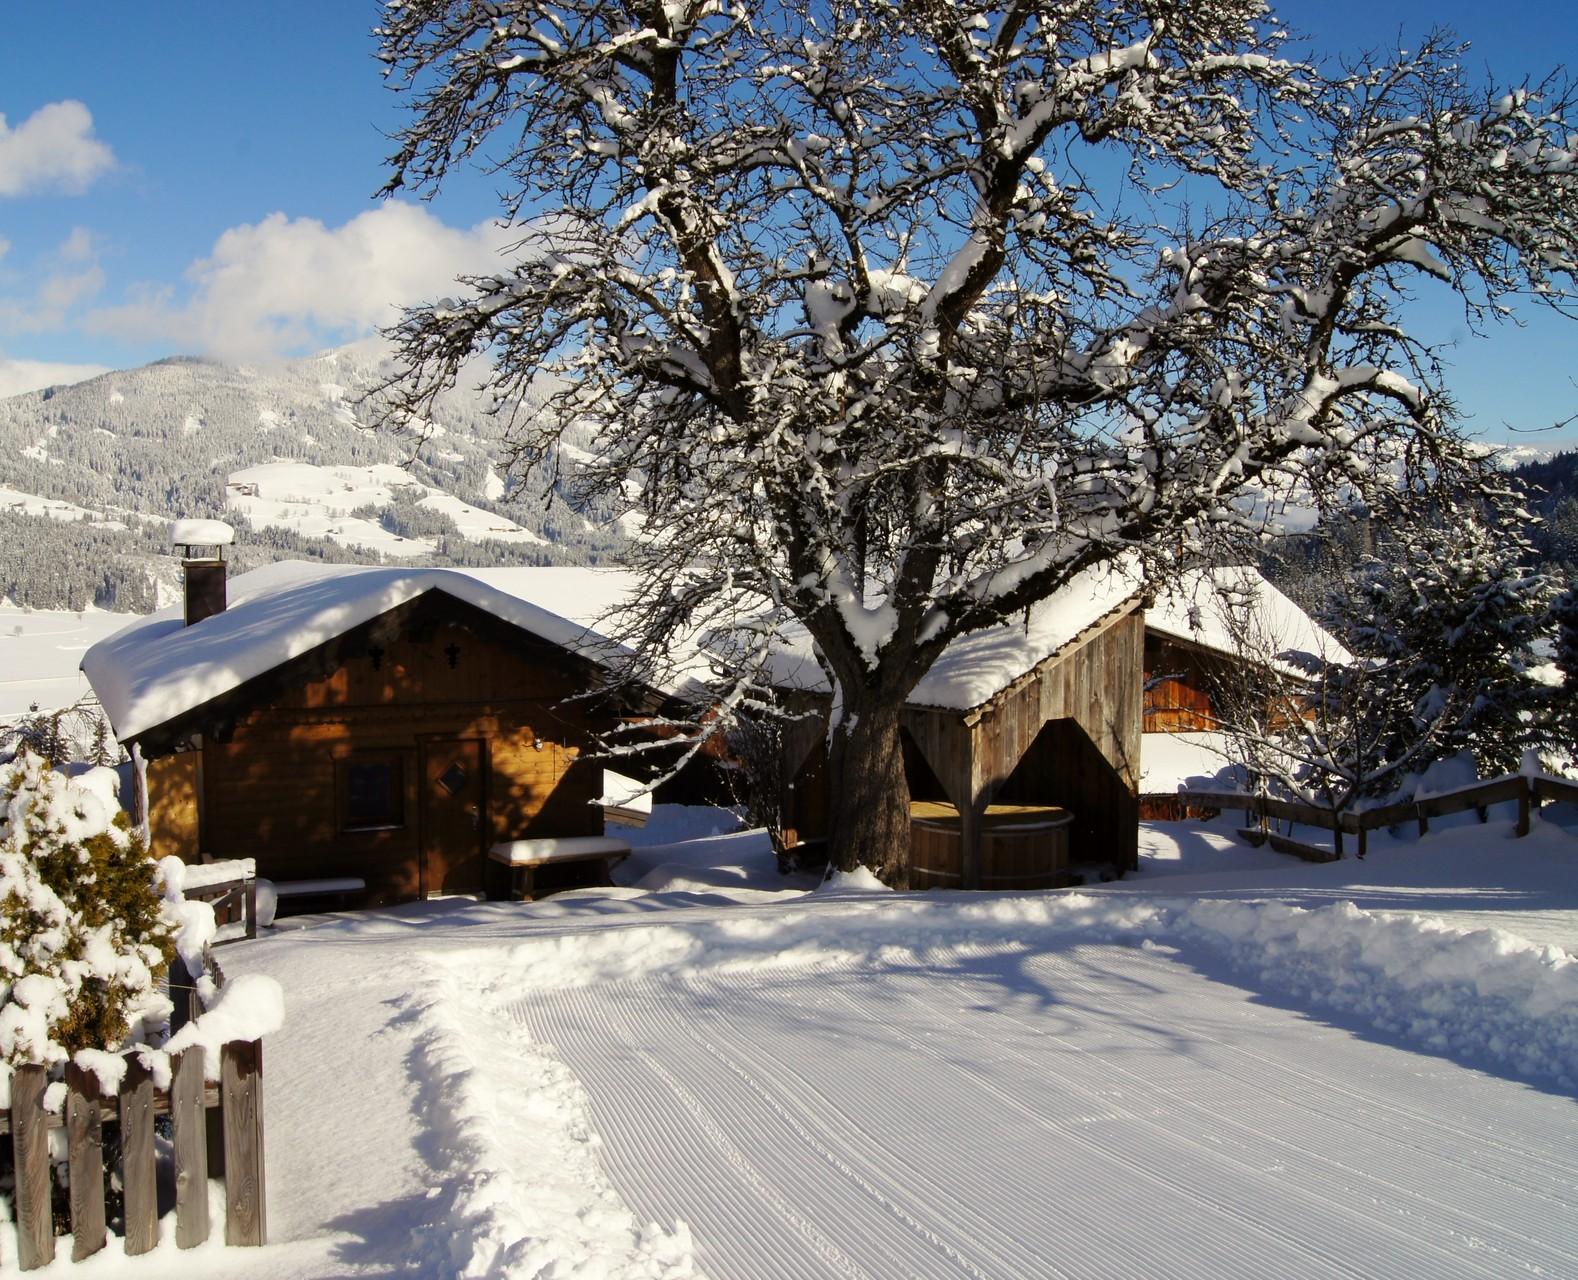 Ski run next to the Chalet